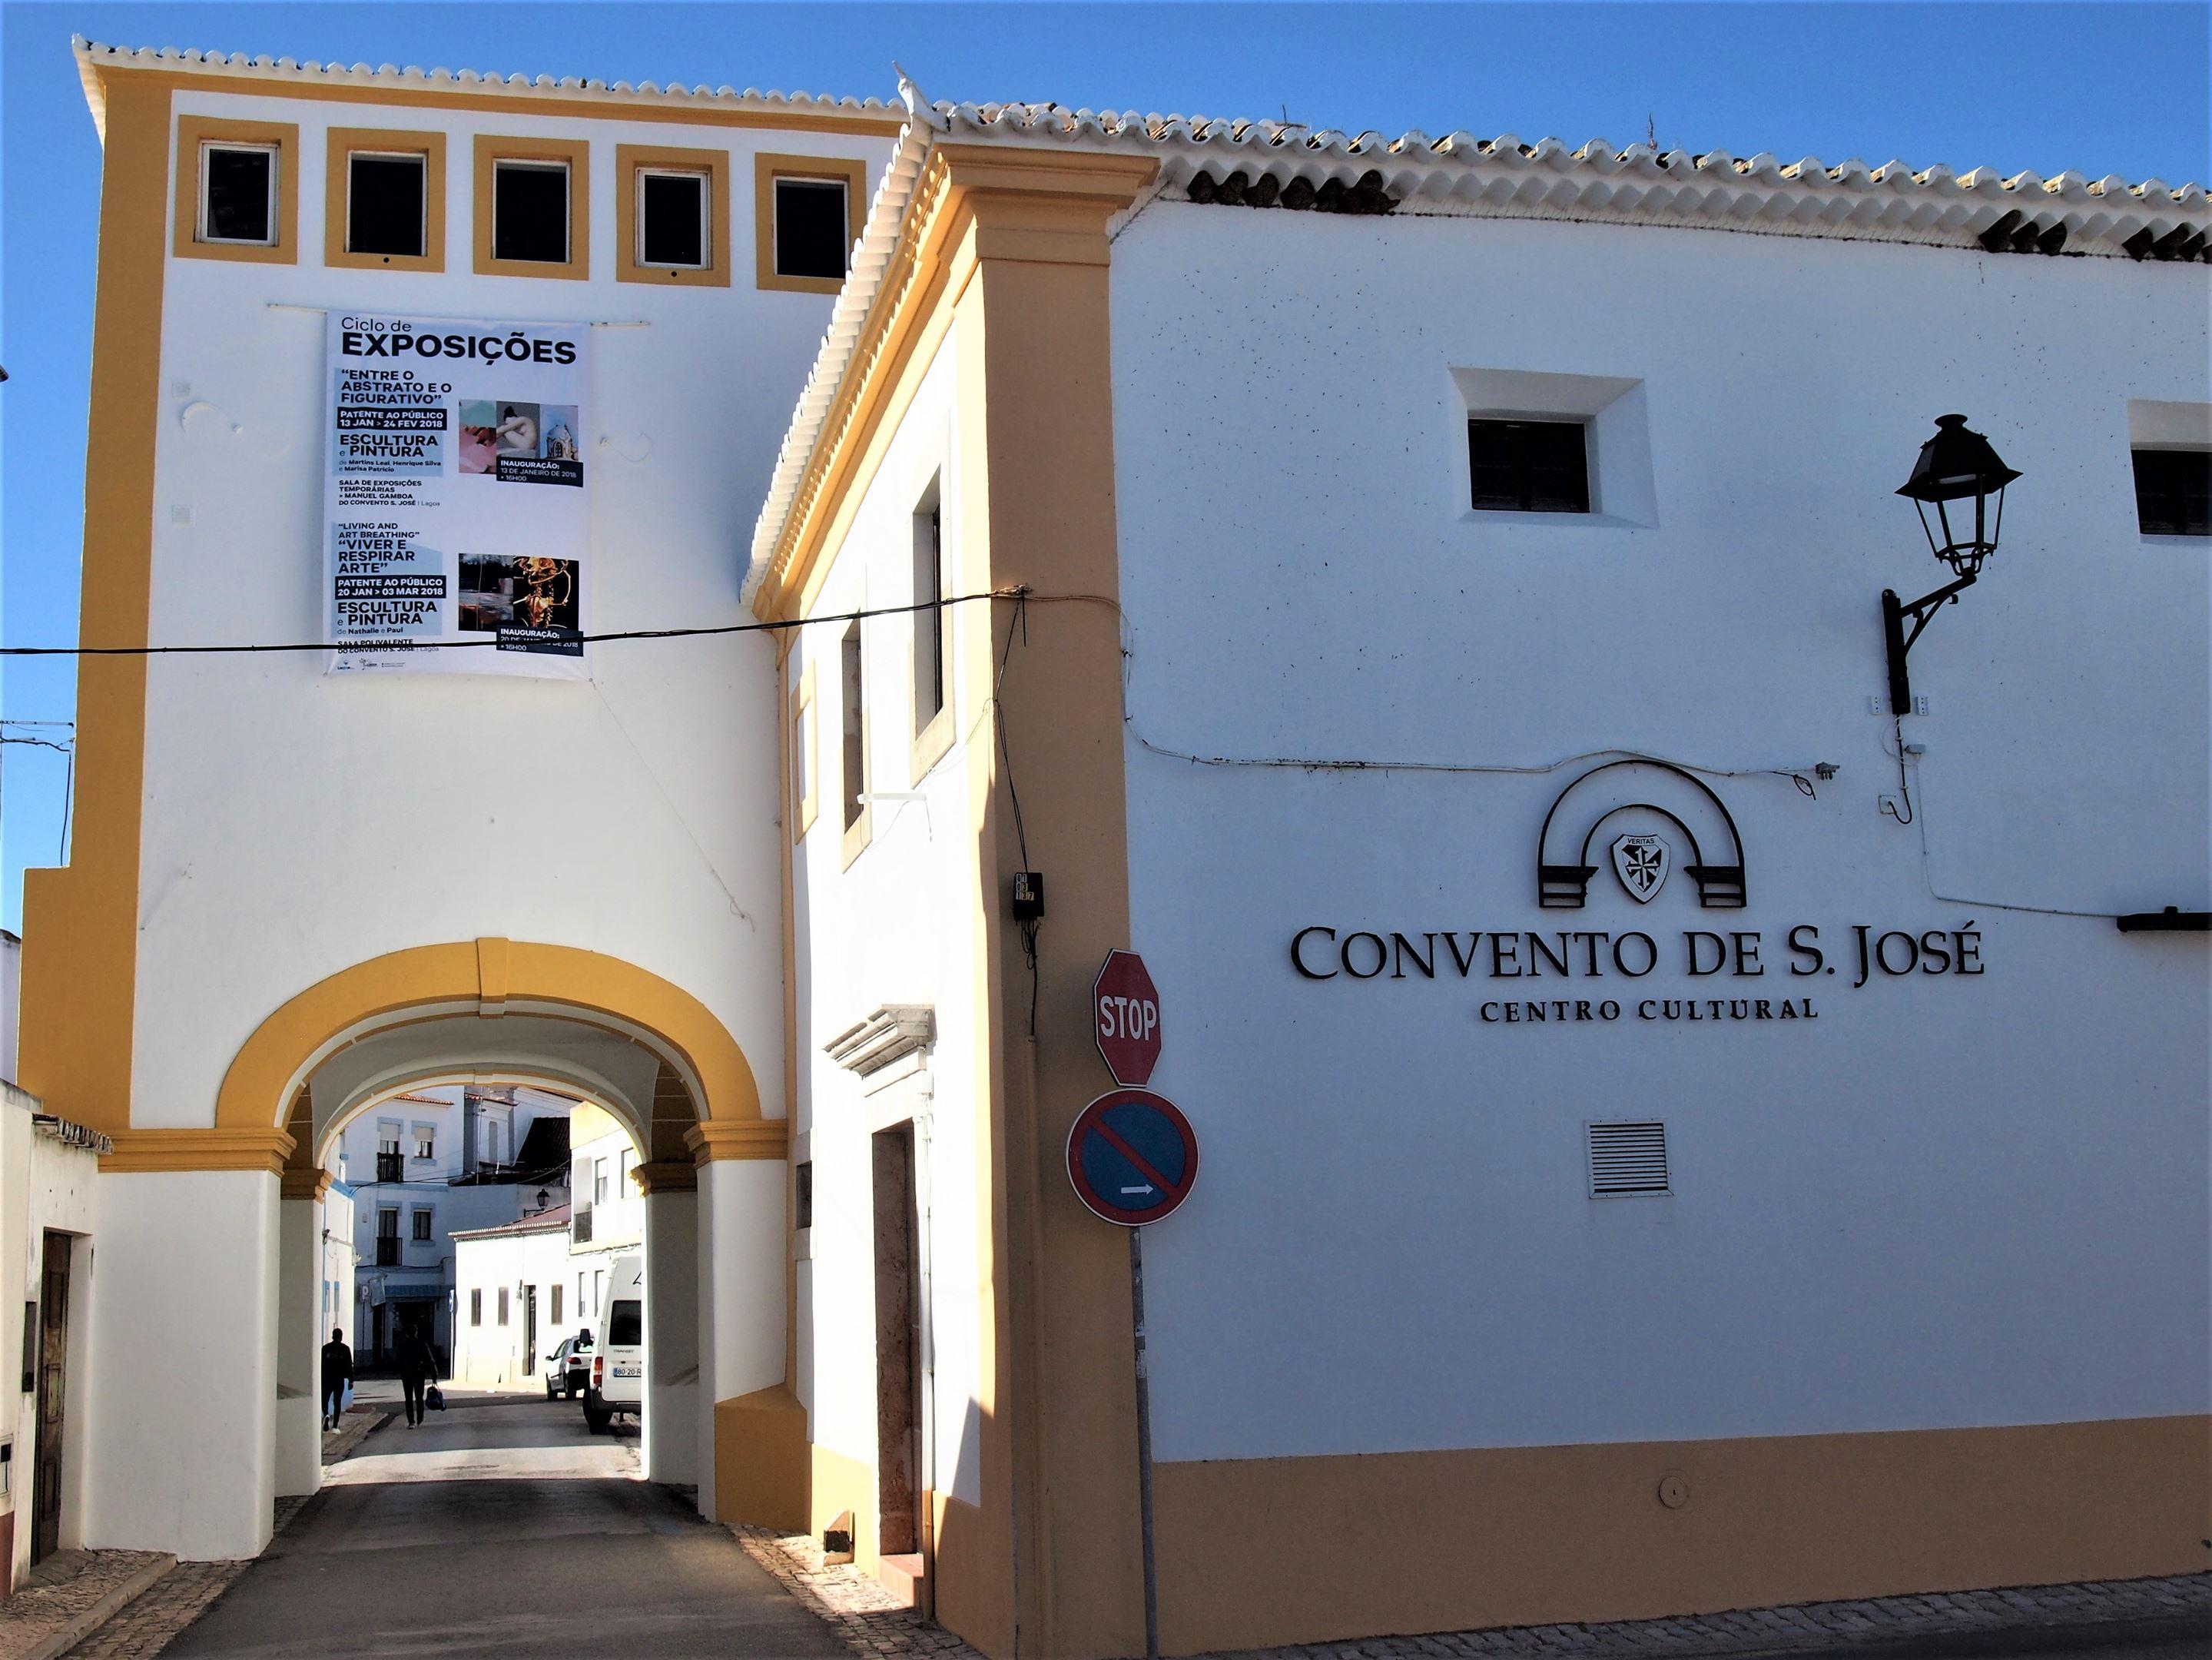 Convento de São José de Lagoa, Algarve